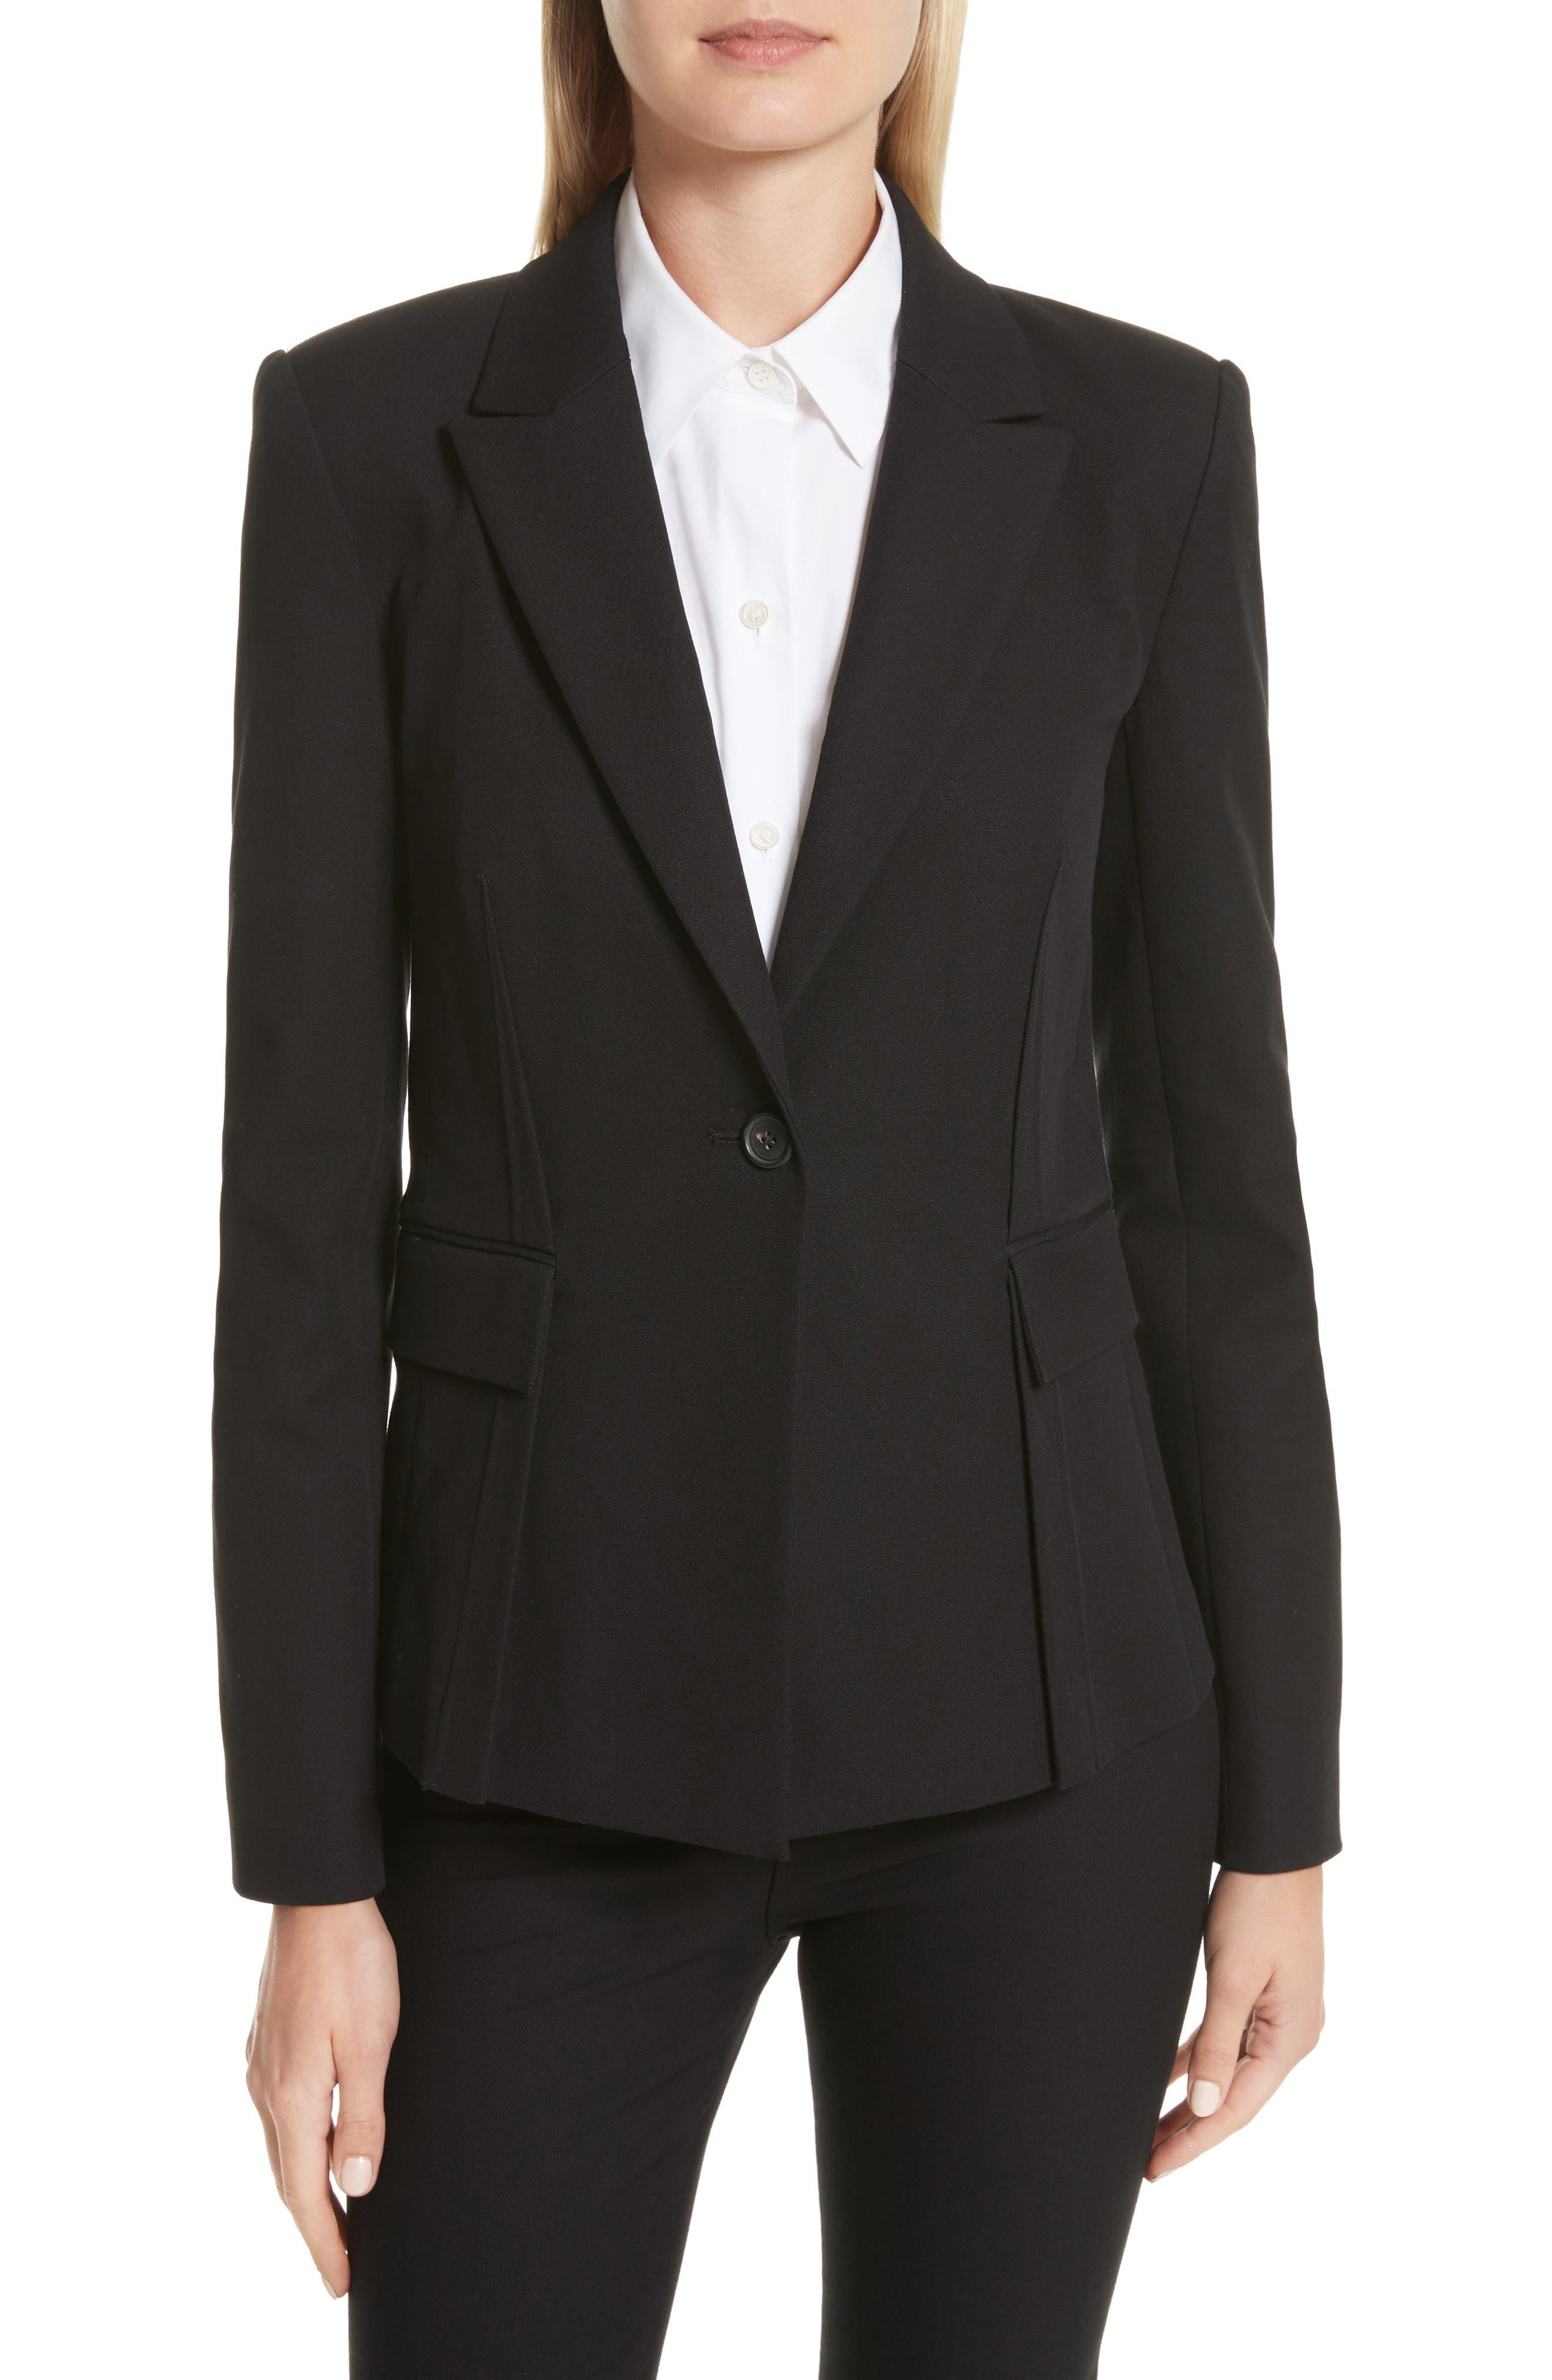 Grommet Tie Back Blazer,                             Main thumbnail 1, color,                             Black